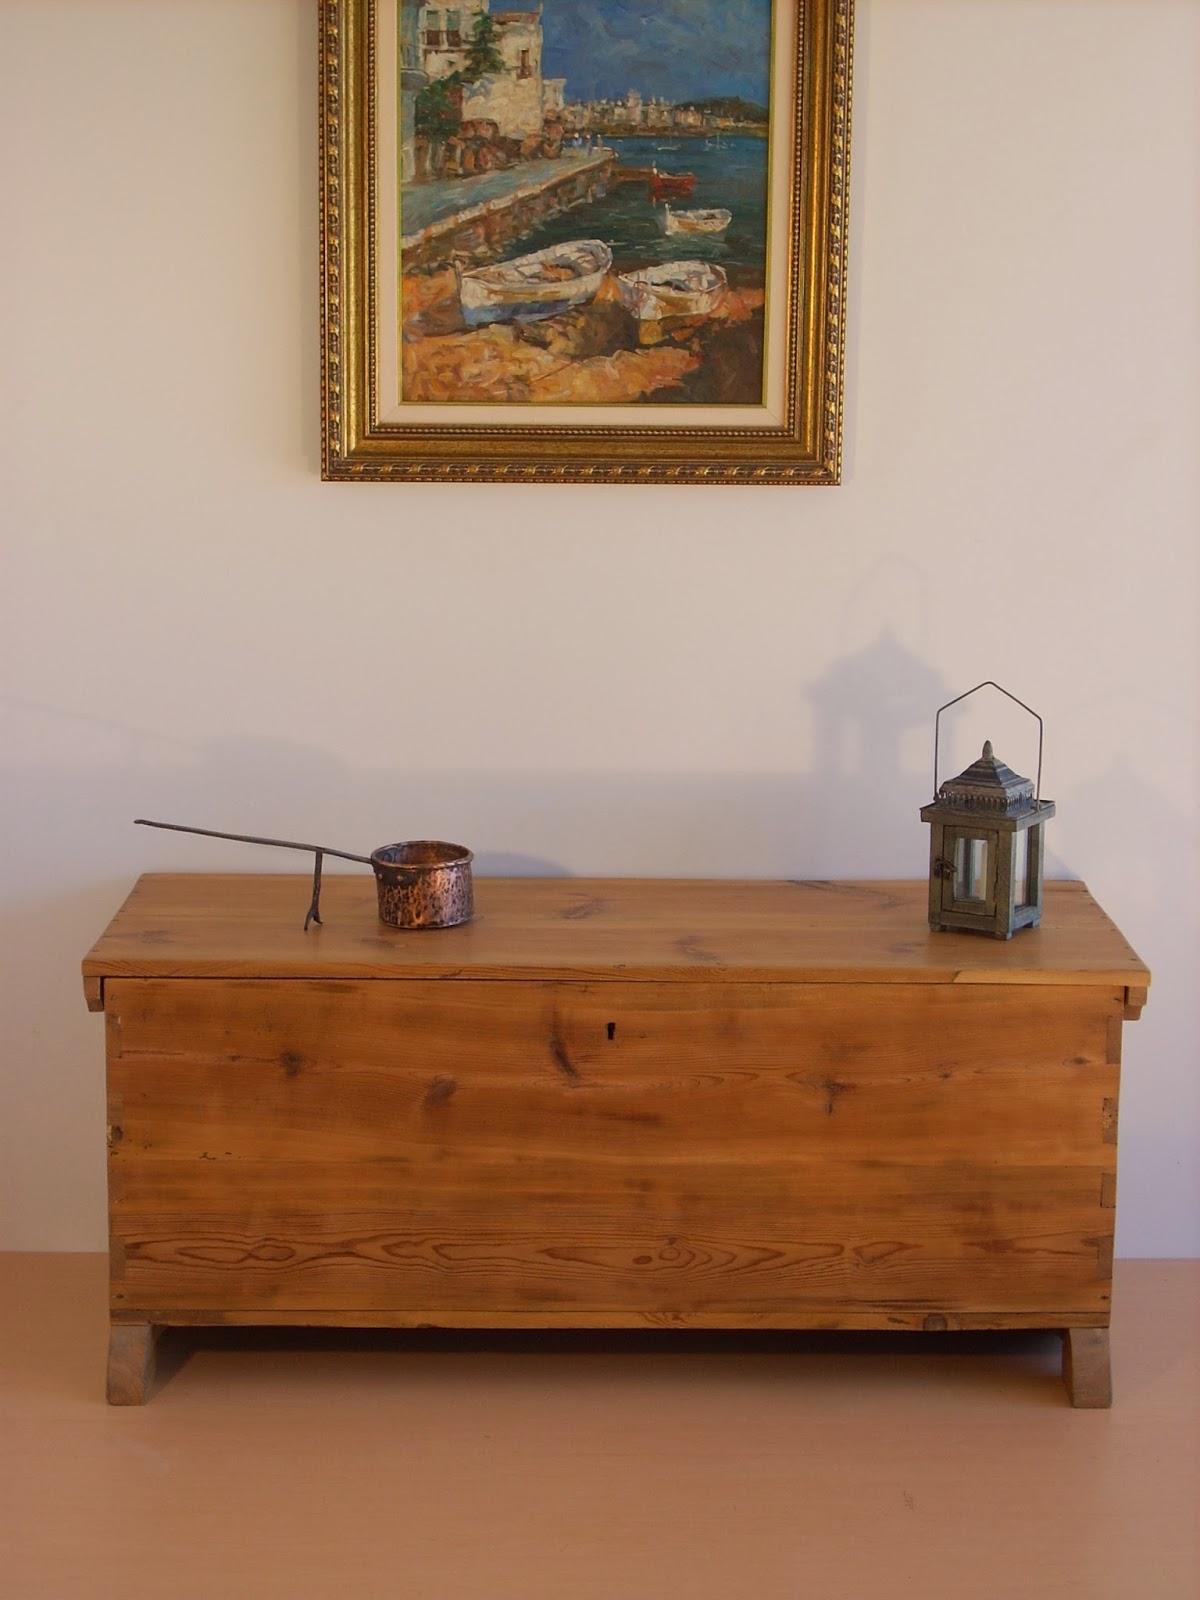 Muebles De Caoba Antiguos Dise Os Arquitect Nicos Mimasku Com # Muebles Raros De Madera